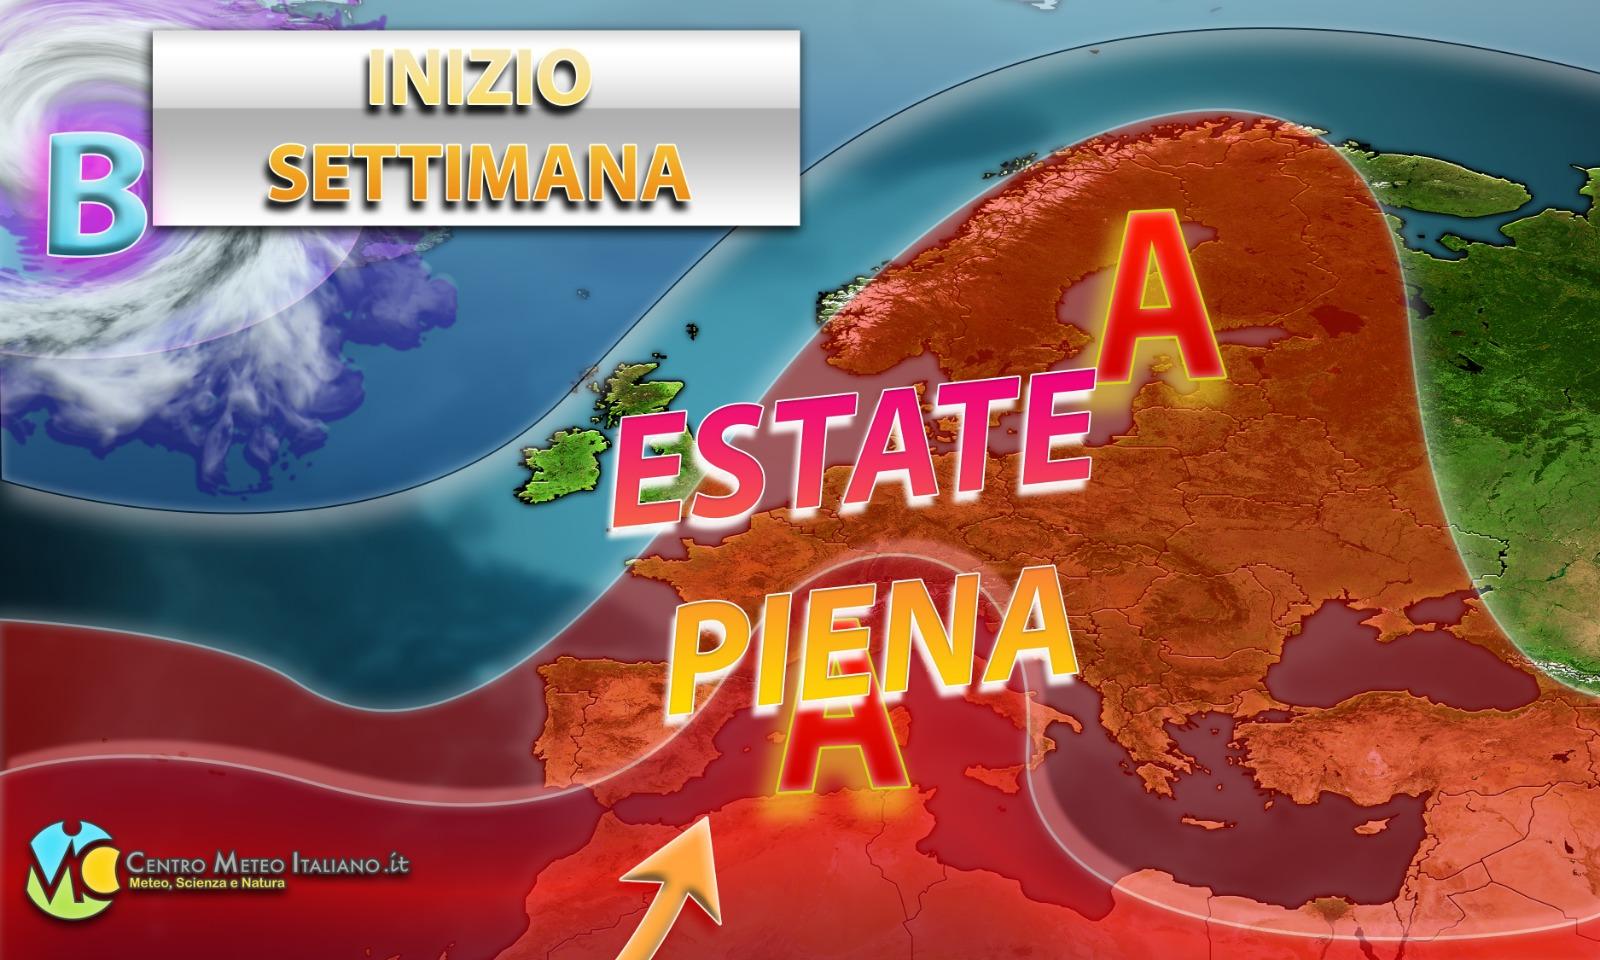 Estate piena in Italia per gli inizi della prossima settimana con caldo via via in aumento.